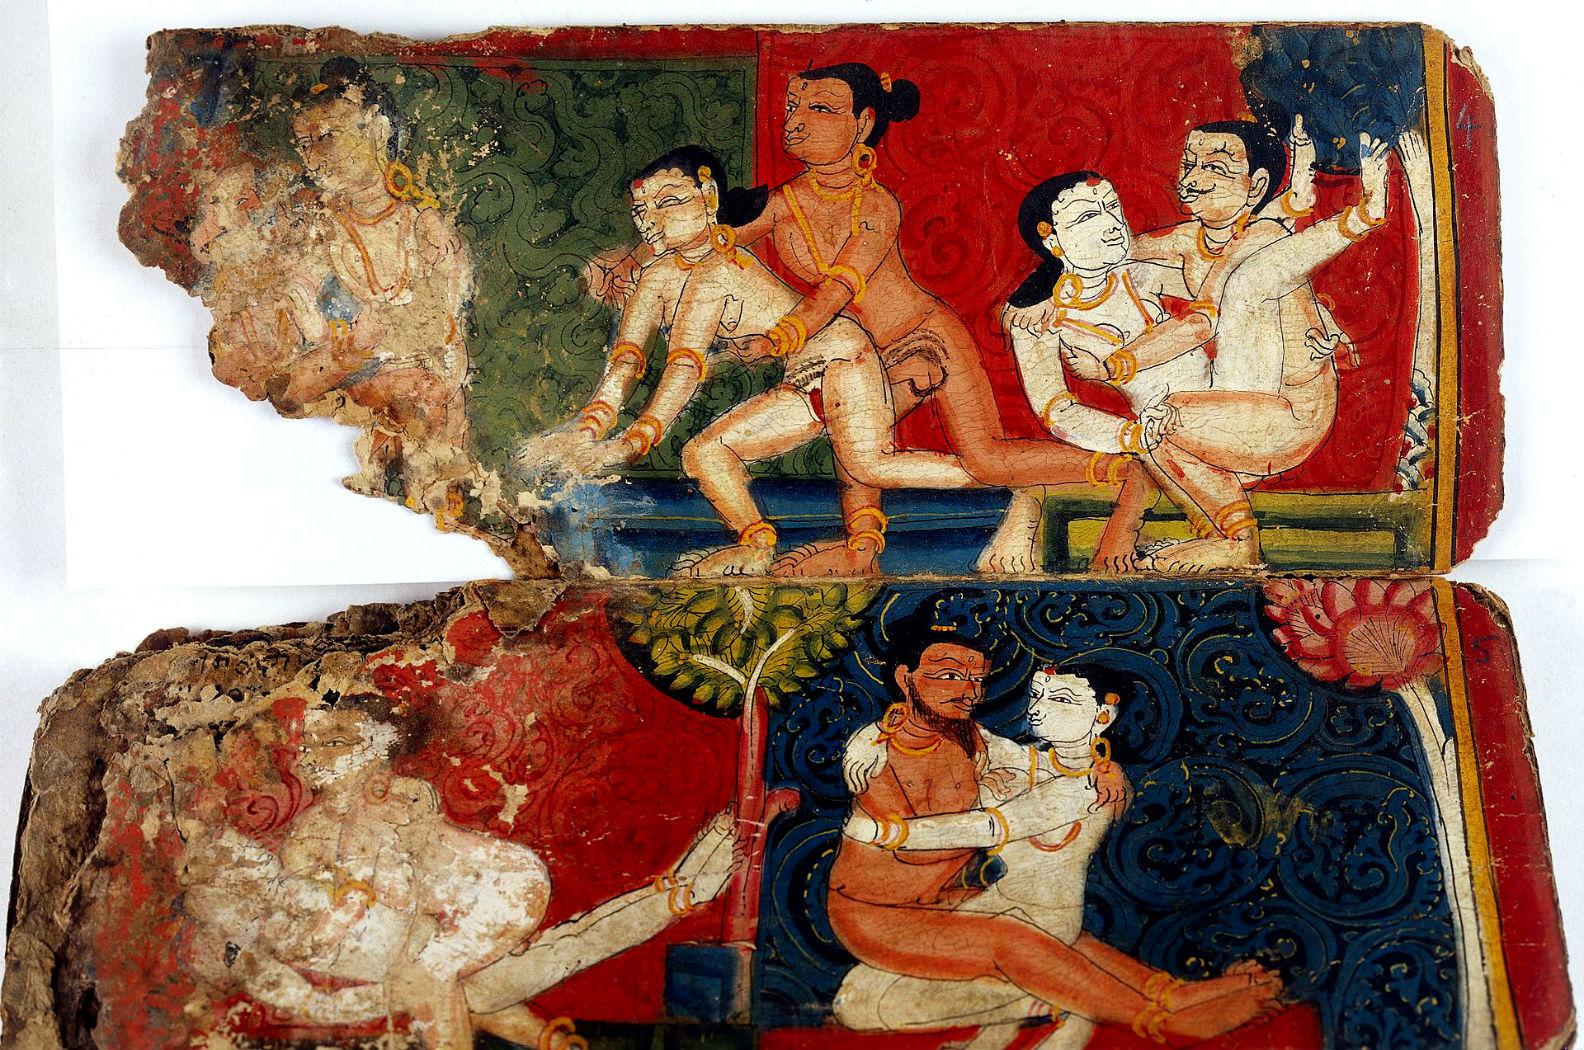 Birma seks filmy